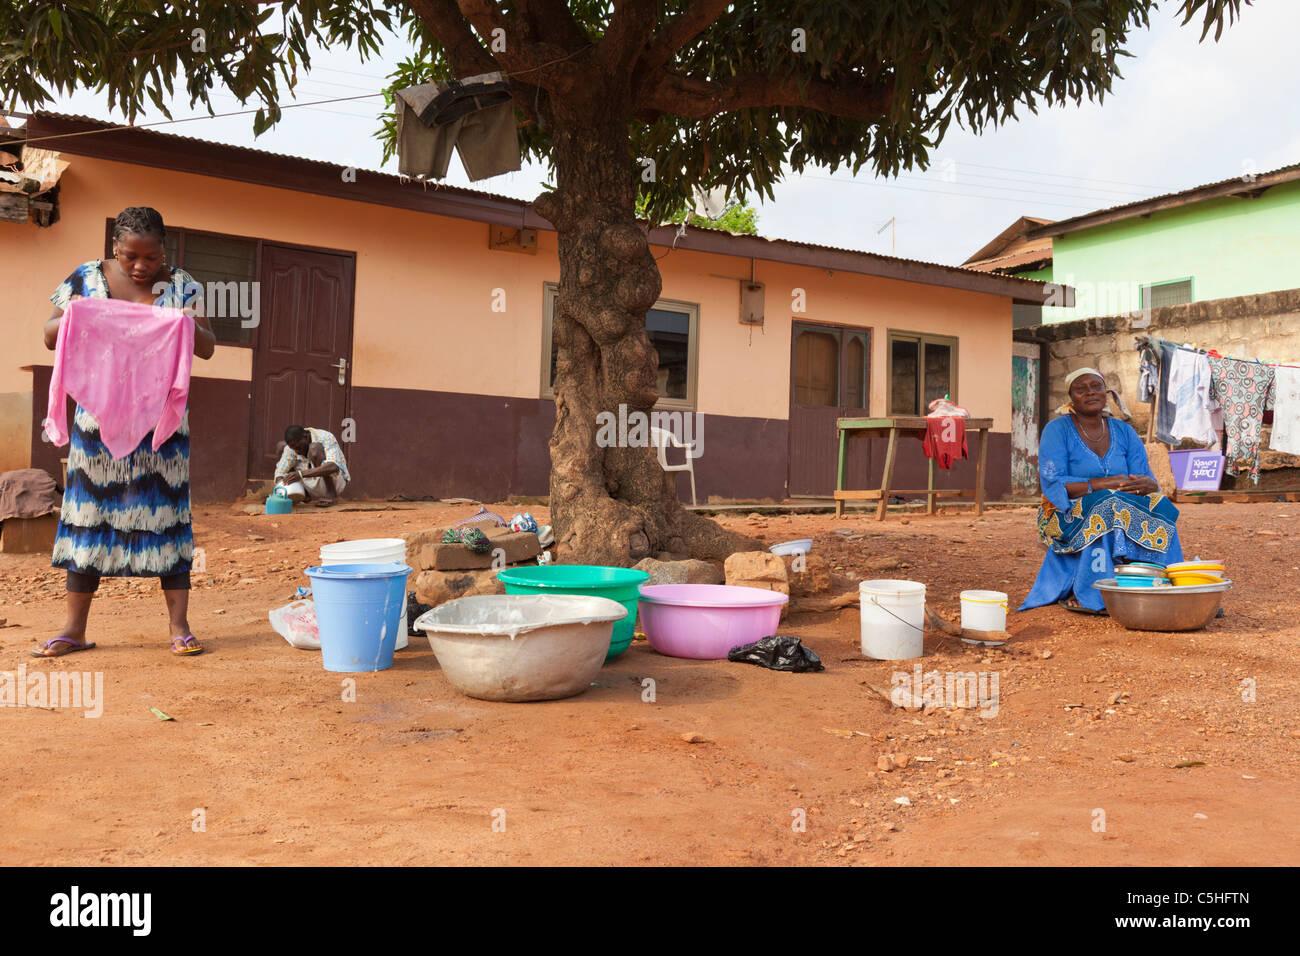 deux femmes africaines pour laver le linge la main dans des seaux accra ghana banque d. Black Bedroom Furniture Sets. Home Design Ideas